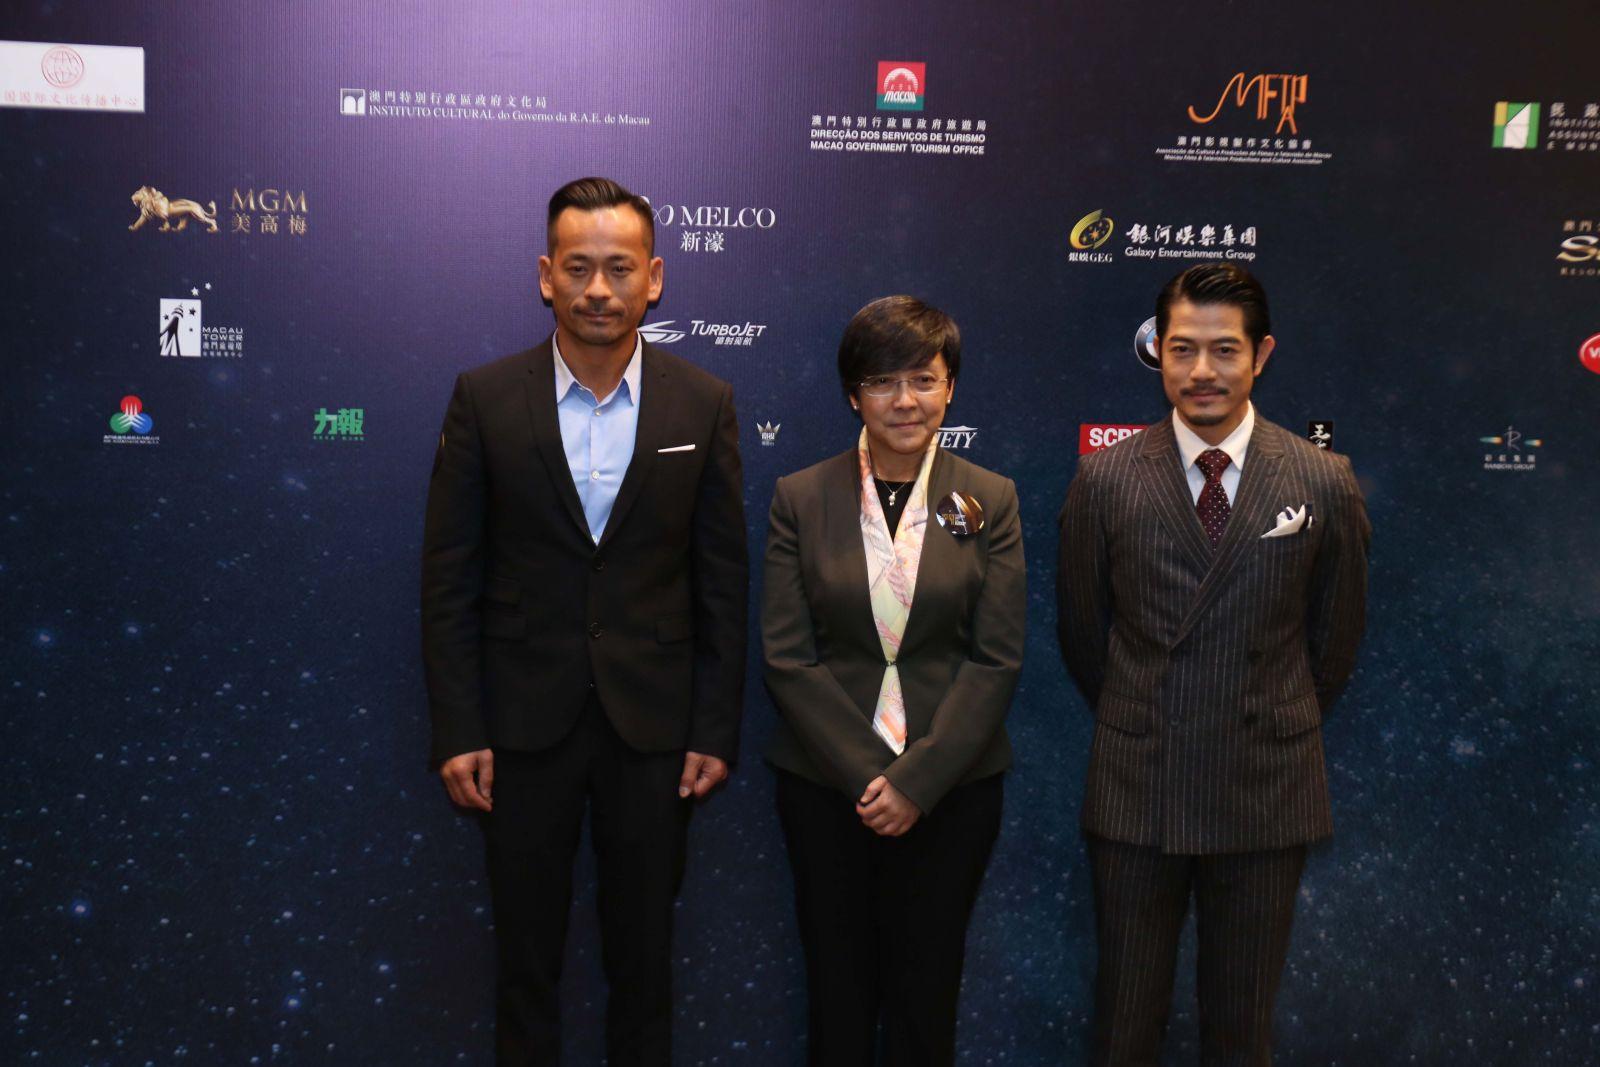 國際巨星及導演共襄盛舉激活新戲象